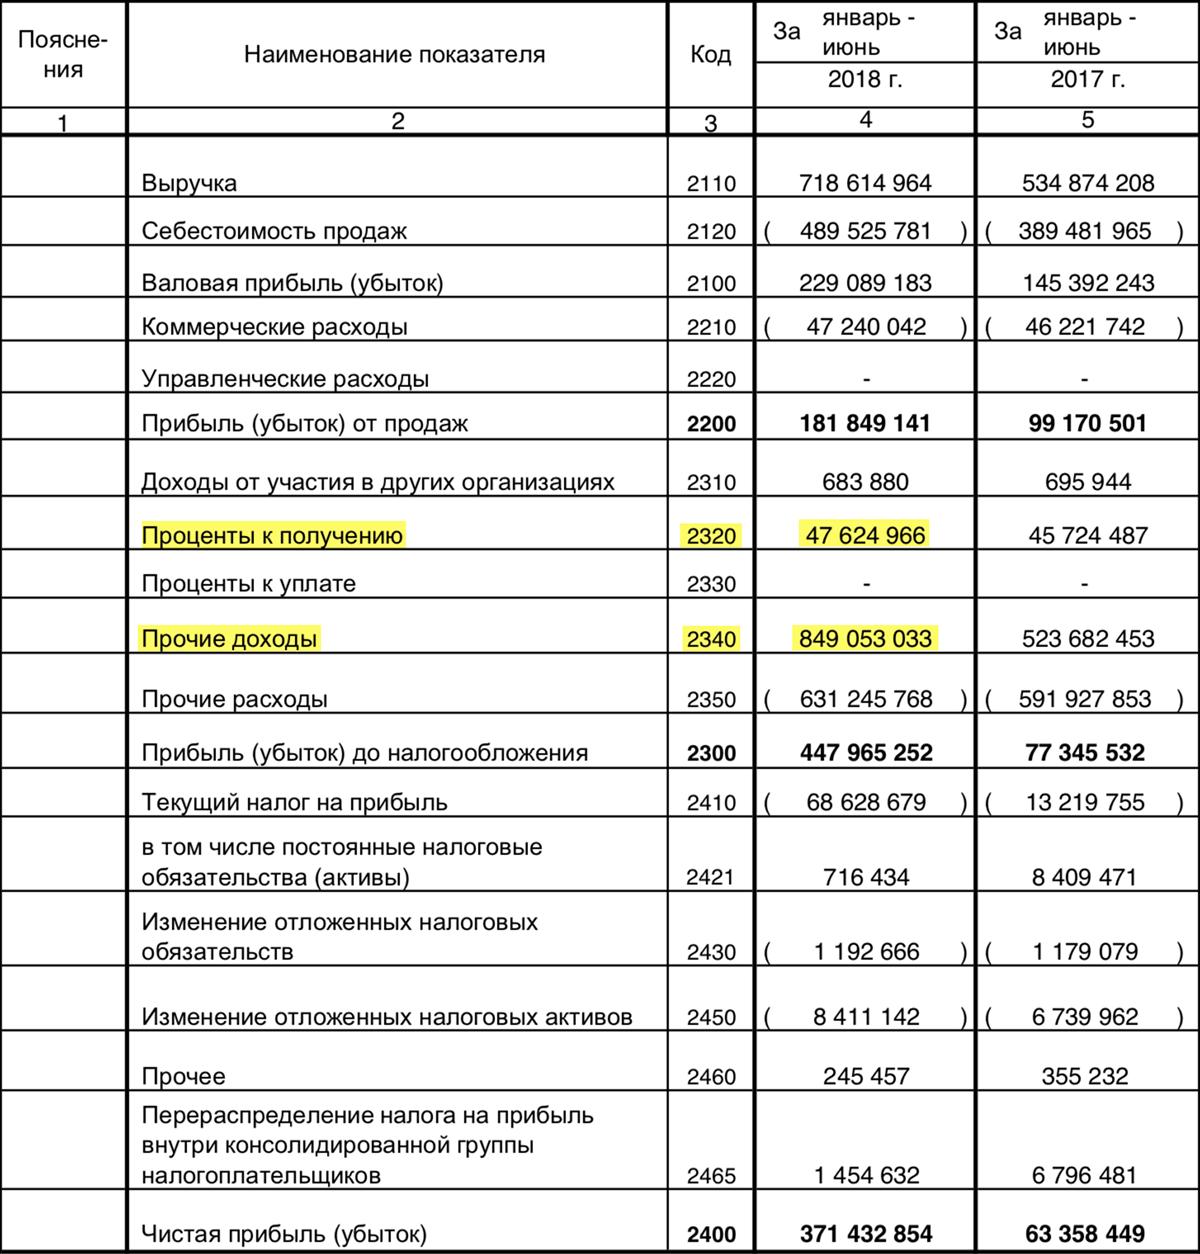 Финансовый отчет «Сургутнефтегаза» за 1 полугодие 2018 года по РСБУ, стр. 2